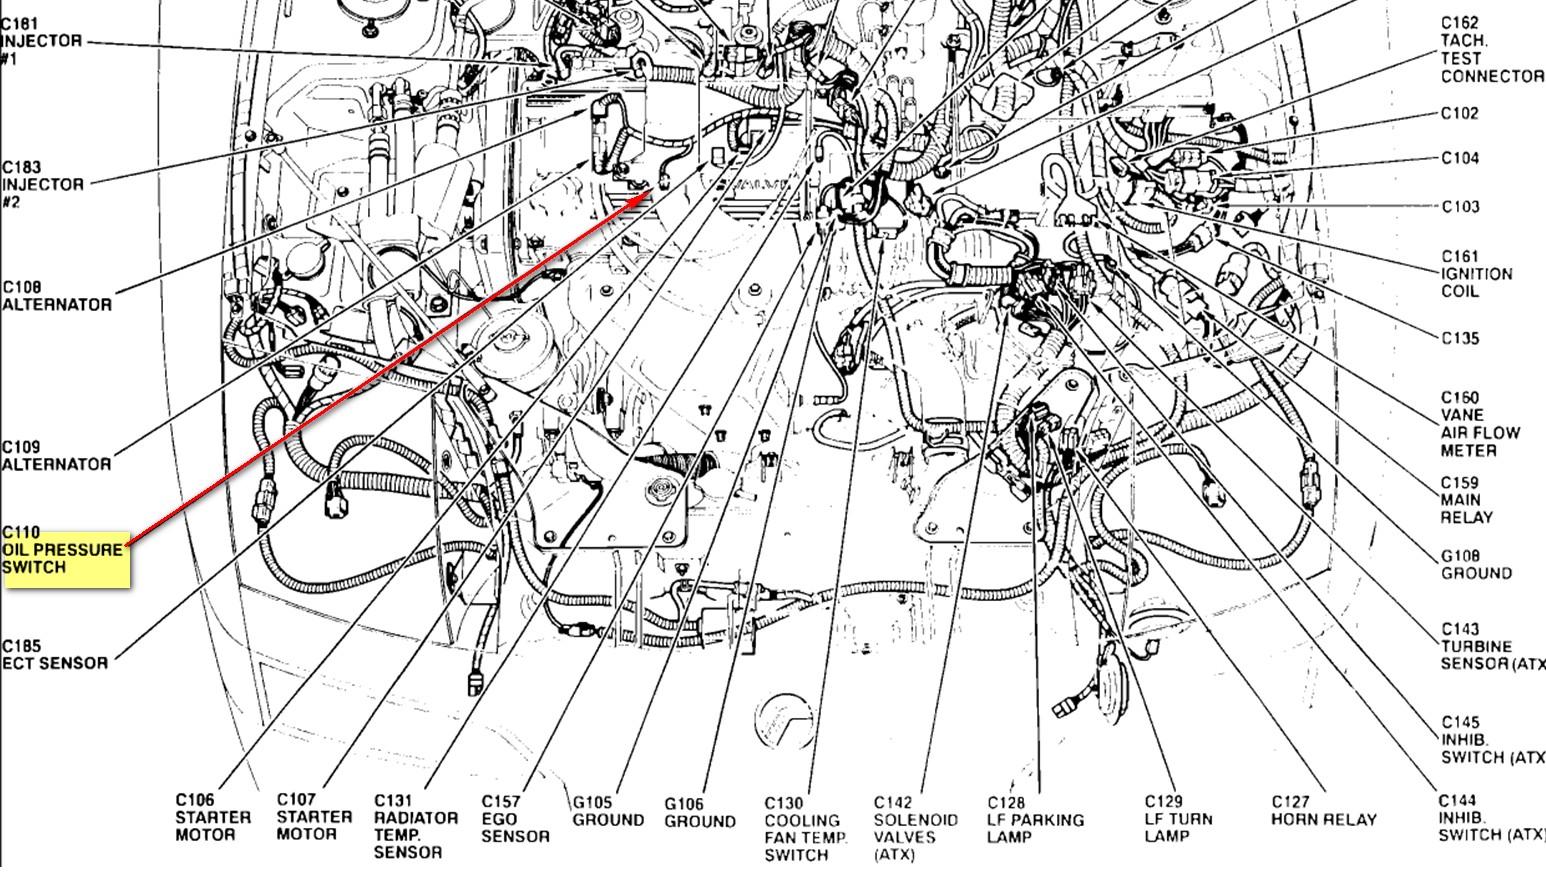 1993 mercury capri fuse box 19 sg dbd de \u20221993 mercury capri fuse box diagram wiring diagram rh 21 siezendevisser nl 1992 mercury capri 1992 mercury capri